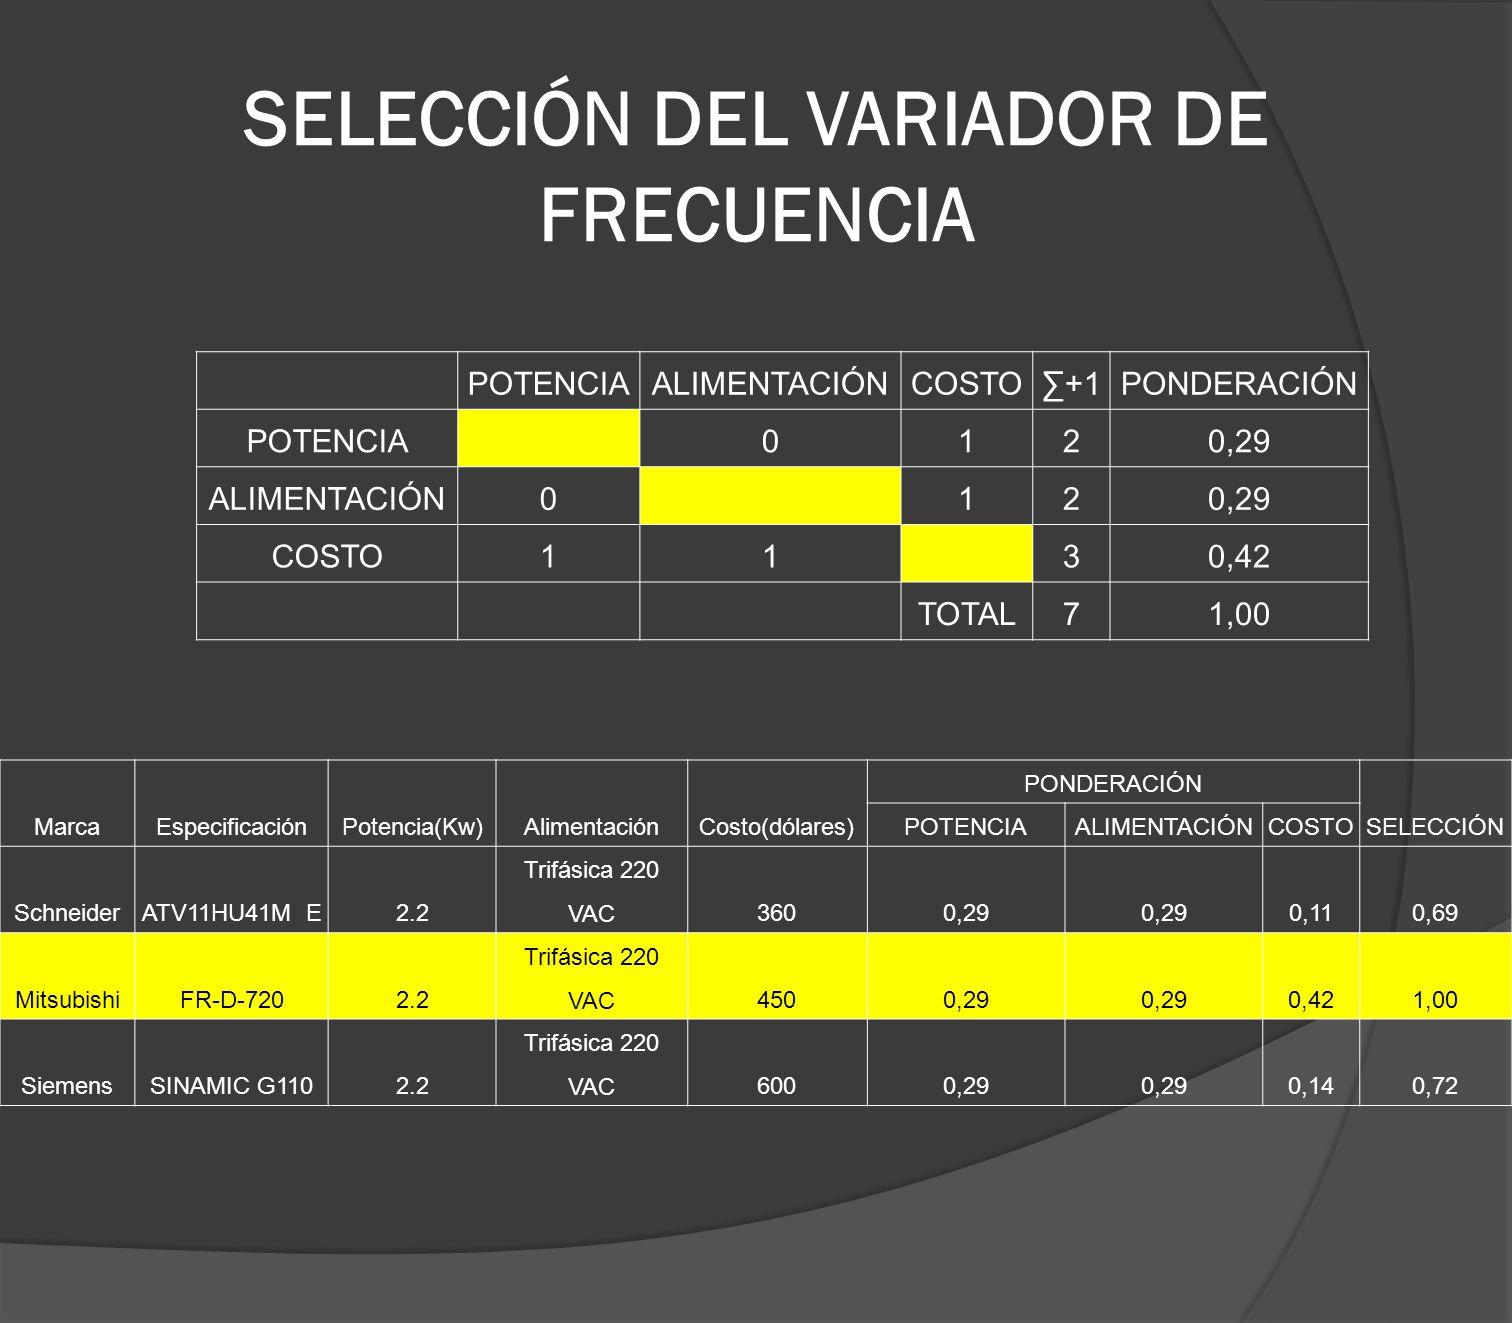 SELECCIÓN DEL VARIADOR DE FRECUENCIA